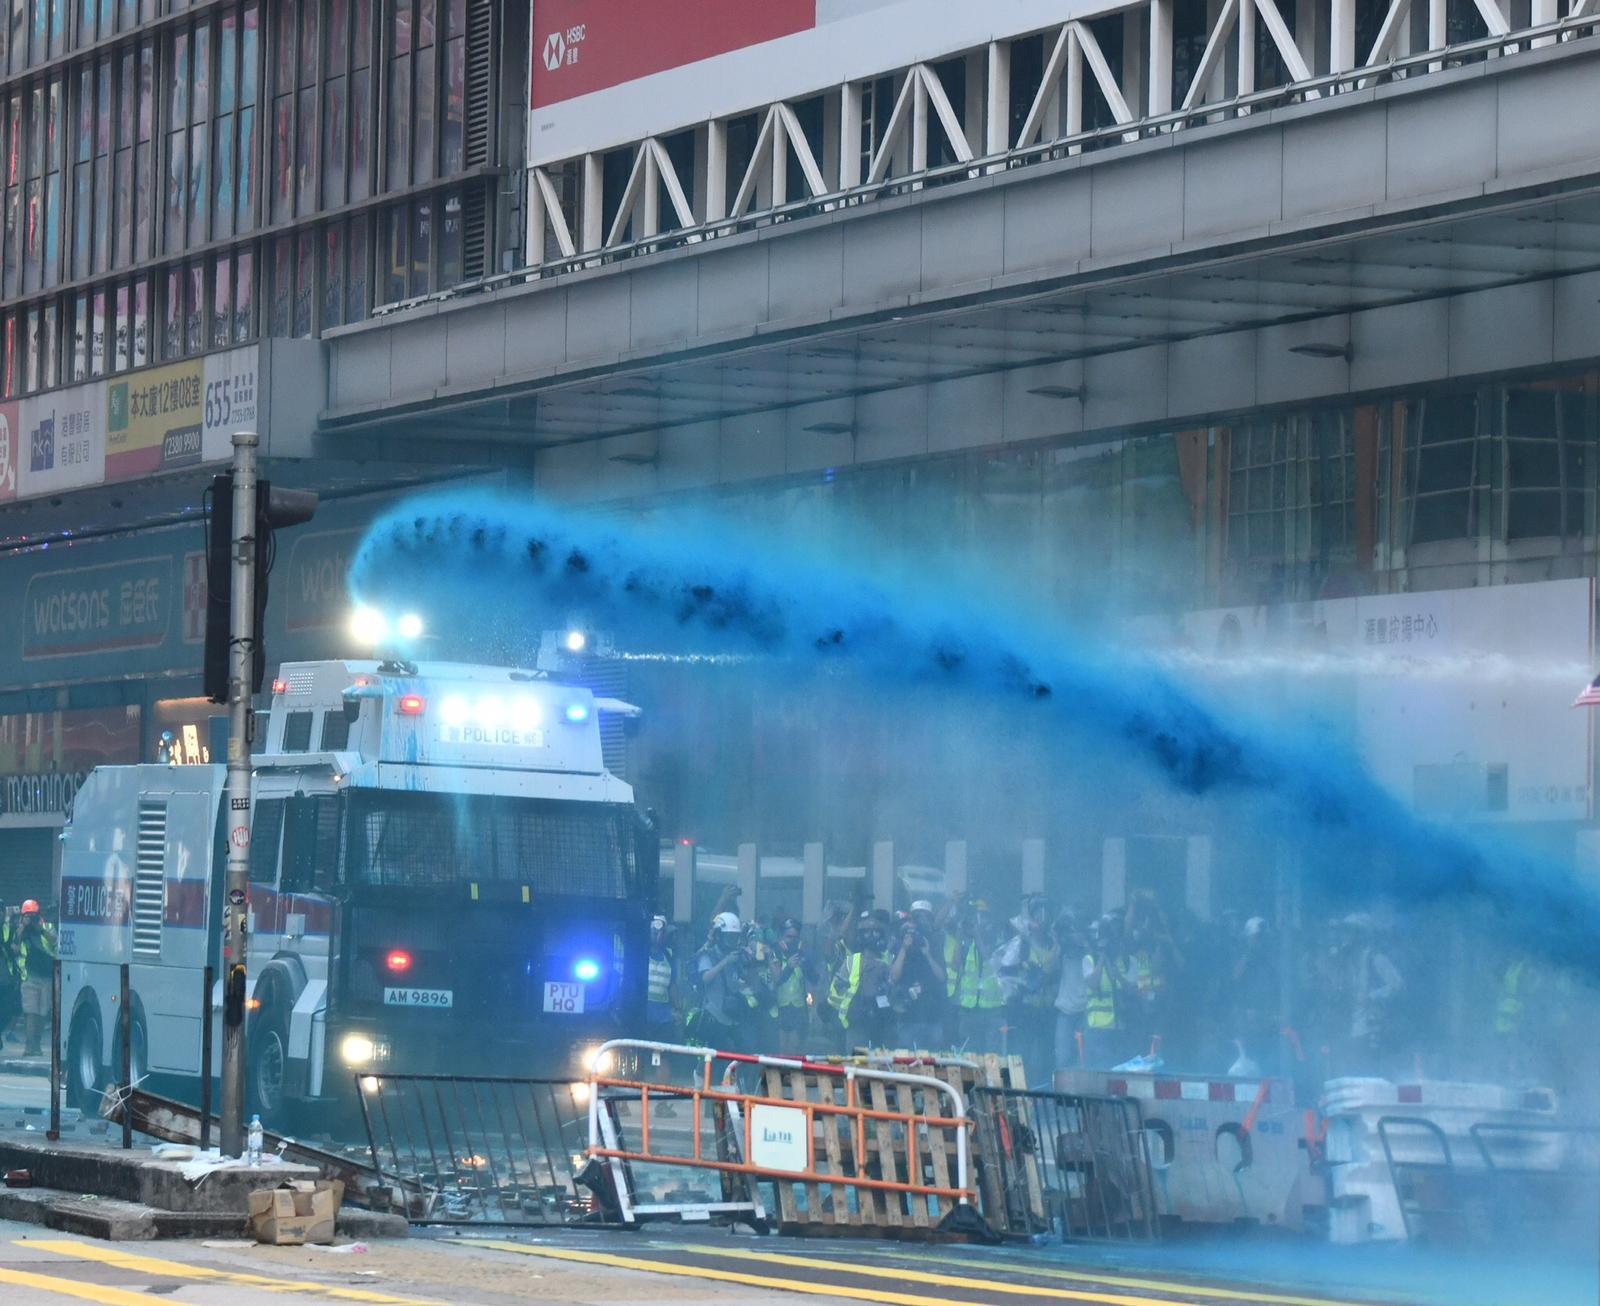 【修例風波】警旺角警署外射催淚彈 彌敦道警民對峙